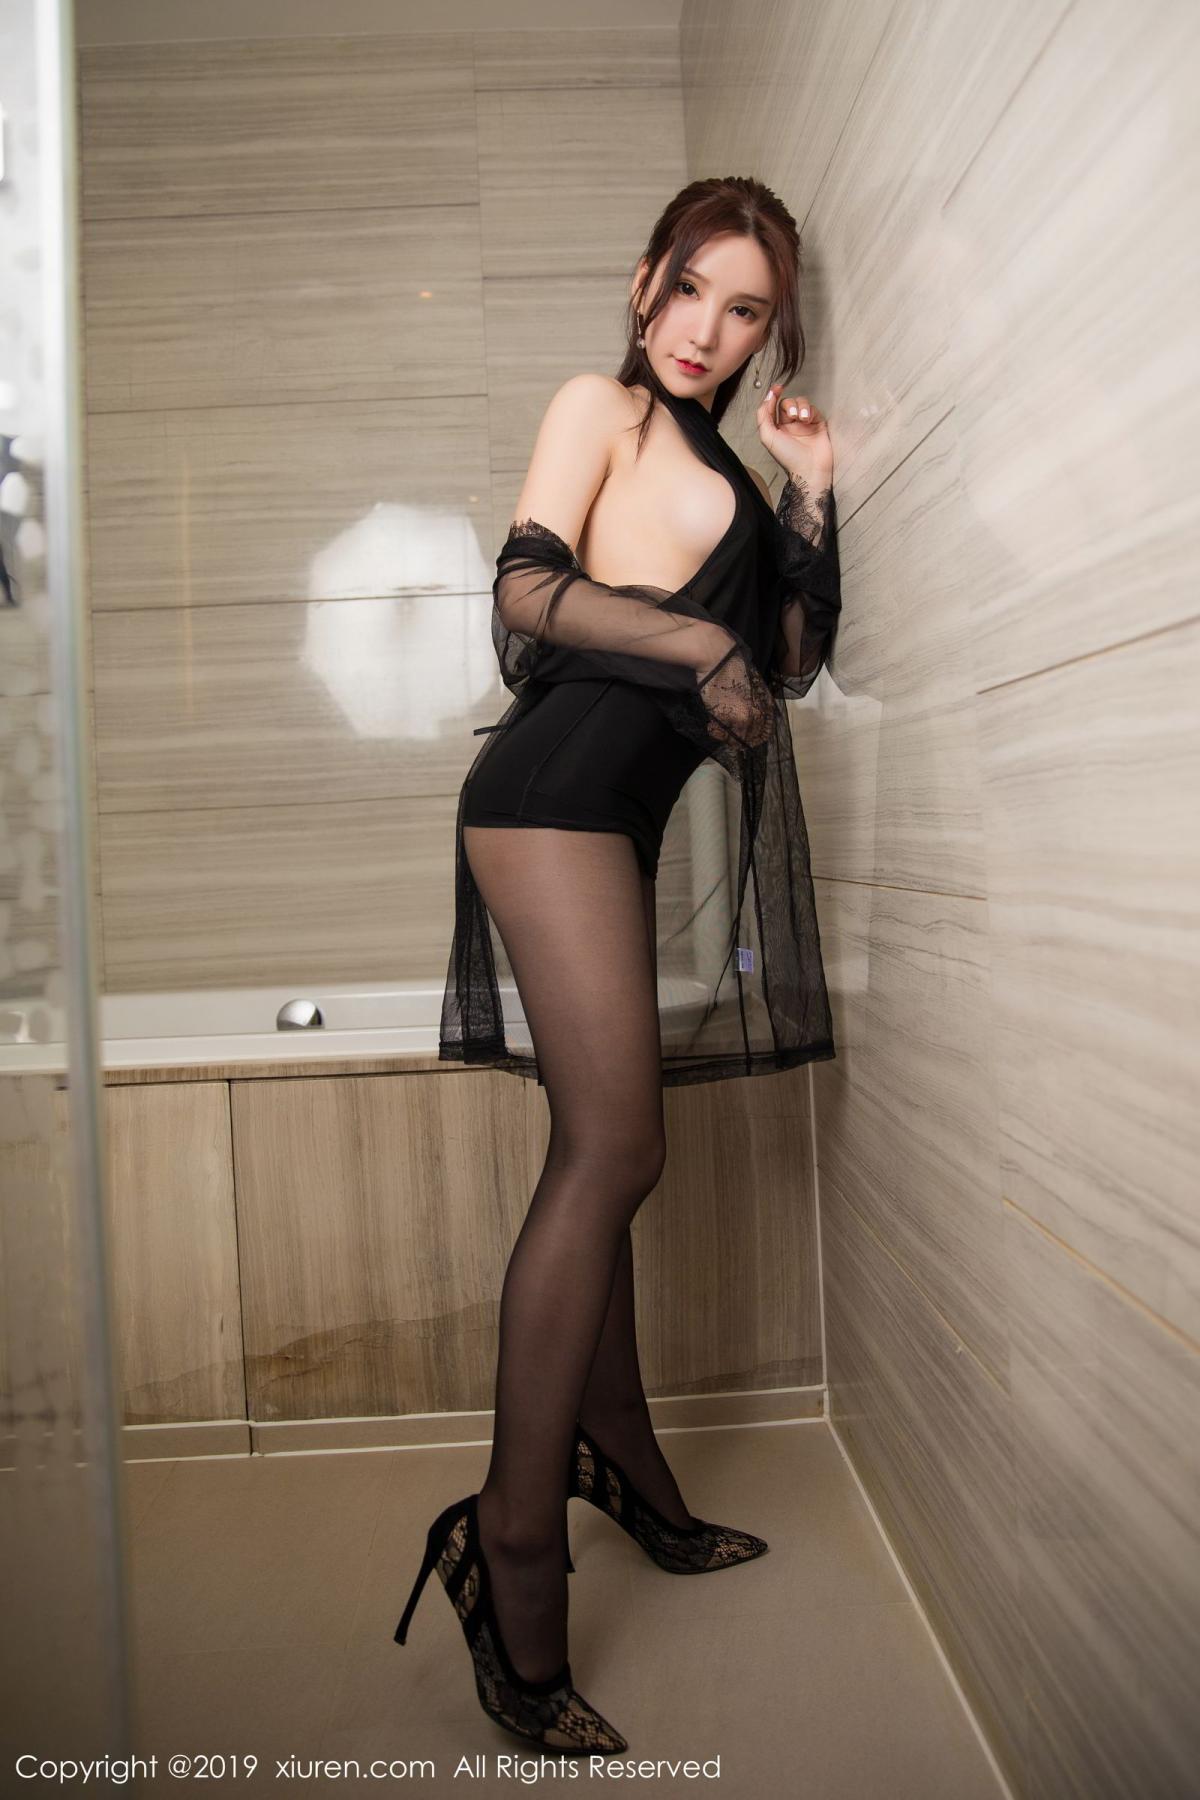 [XiuRen] Vol.1556 Zhou Yu Xi 21P, Bathroom, Black Silk, Tall, Underwear, Xiuren, Zhou Yu Xi